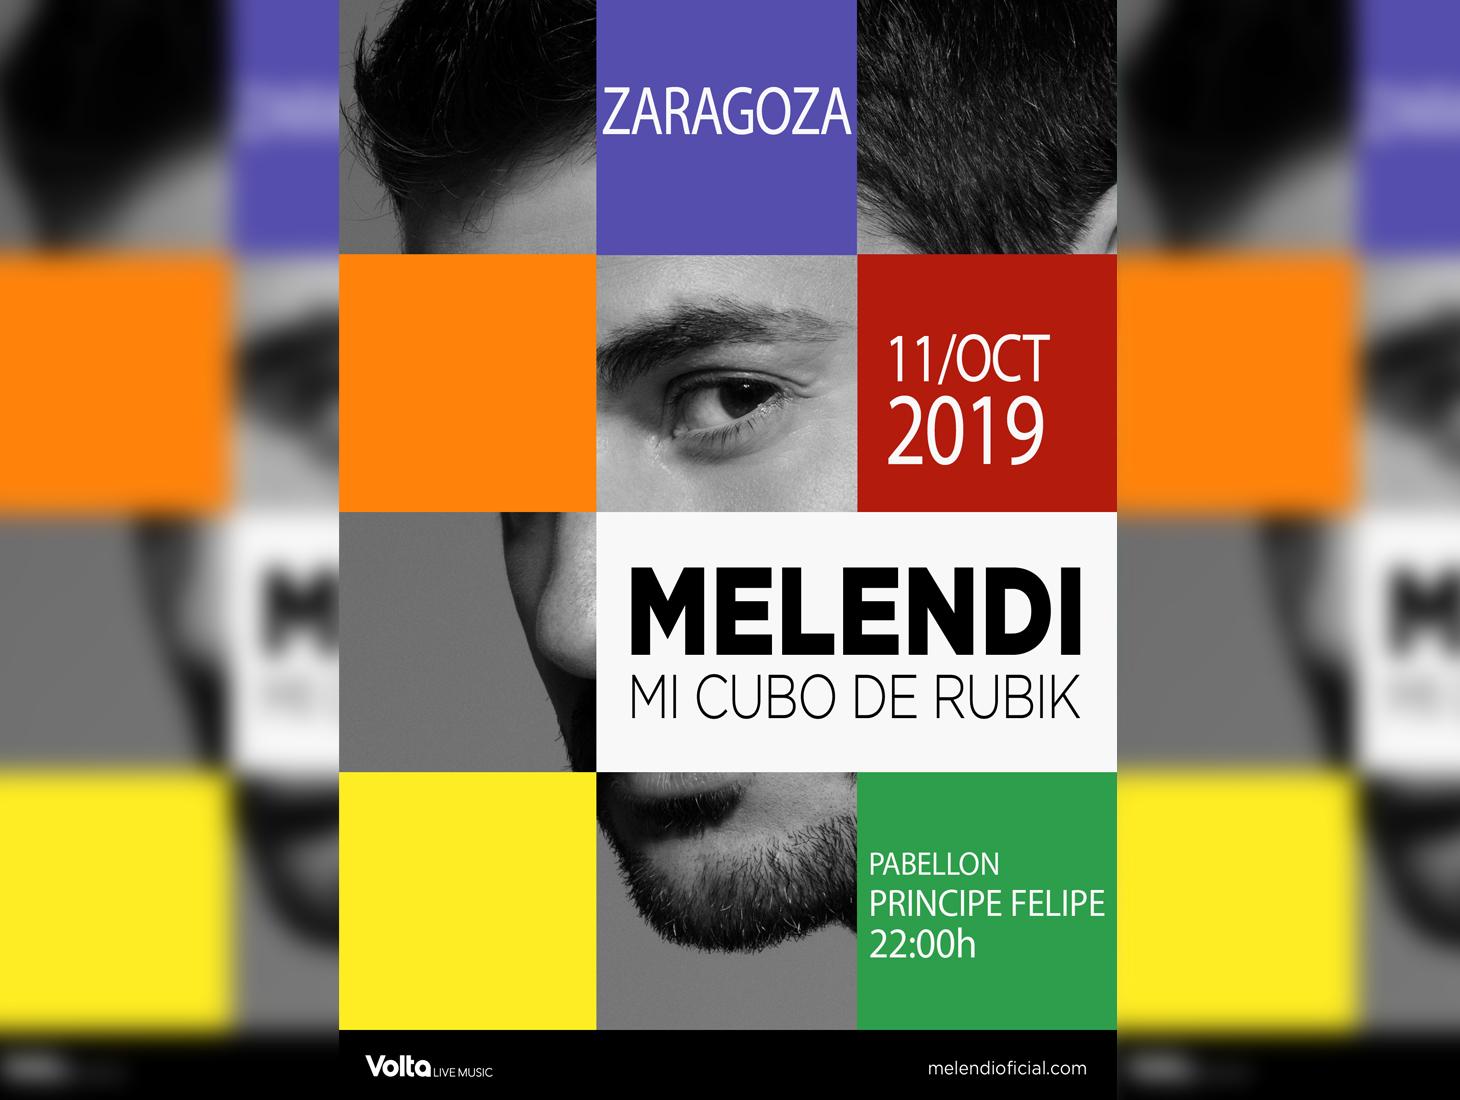 melendi-mi-cubo-de-rubik-en-zaragoza-5c1